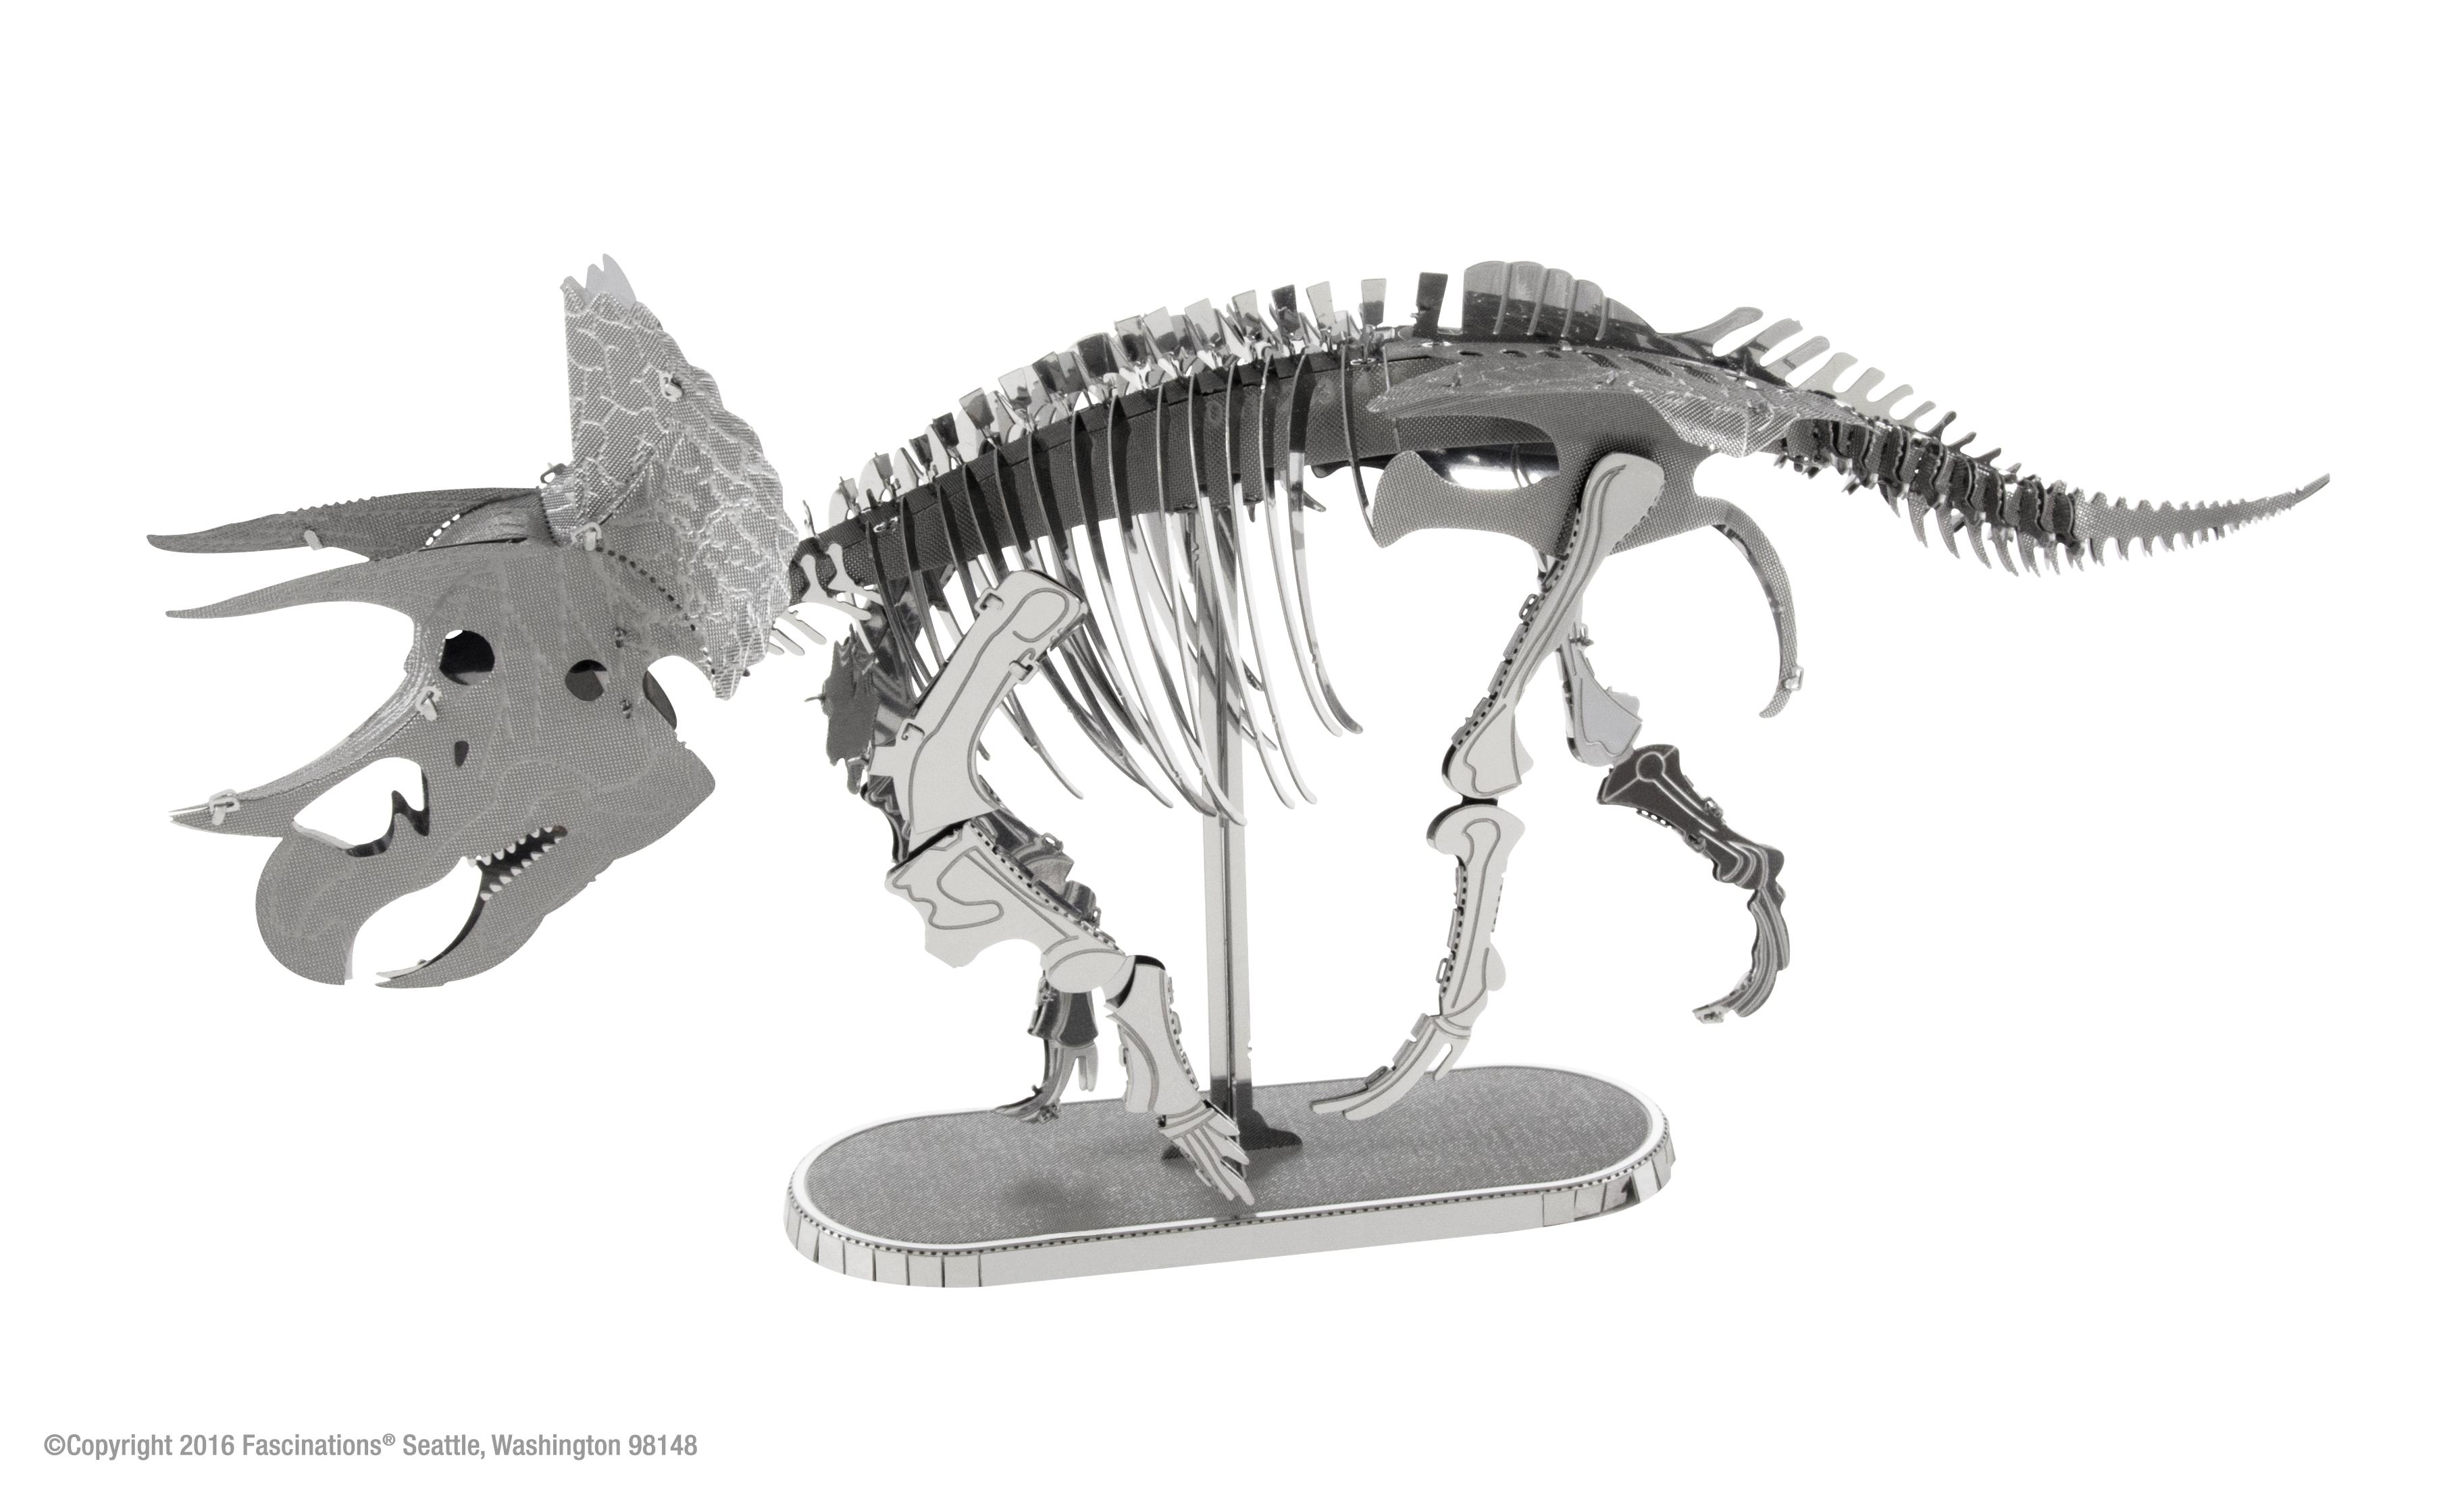 Fascinations Metal Earth 3d Metal Model Diy Kits